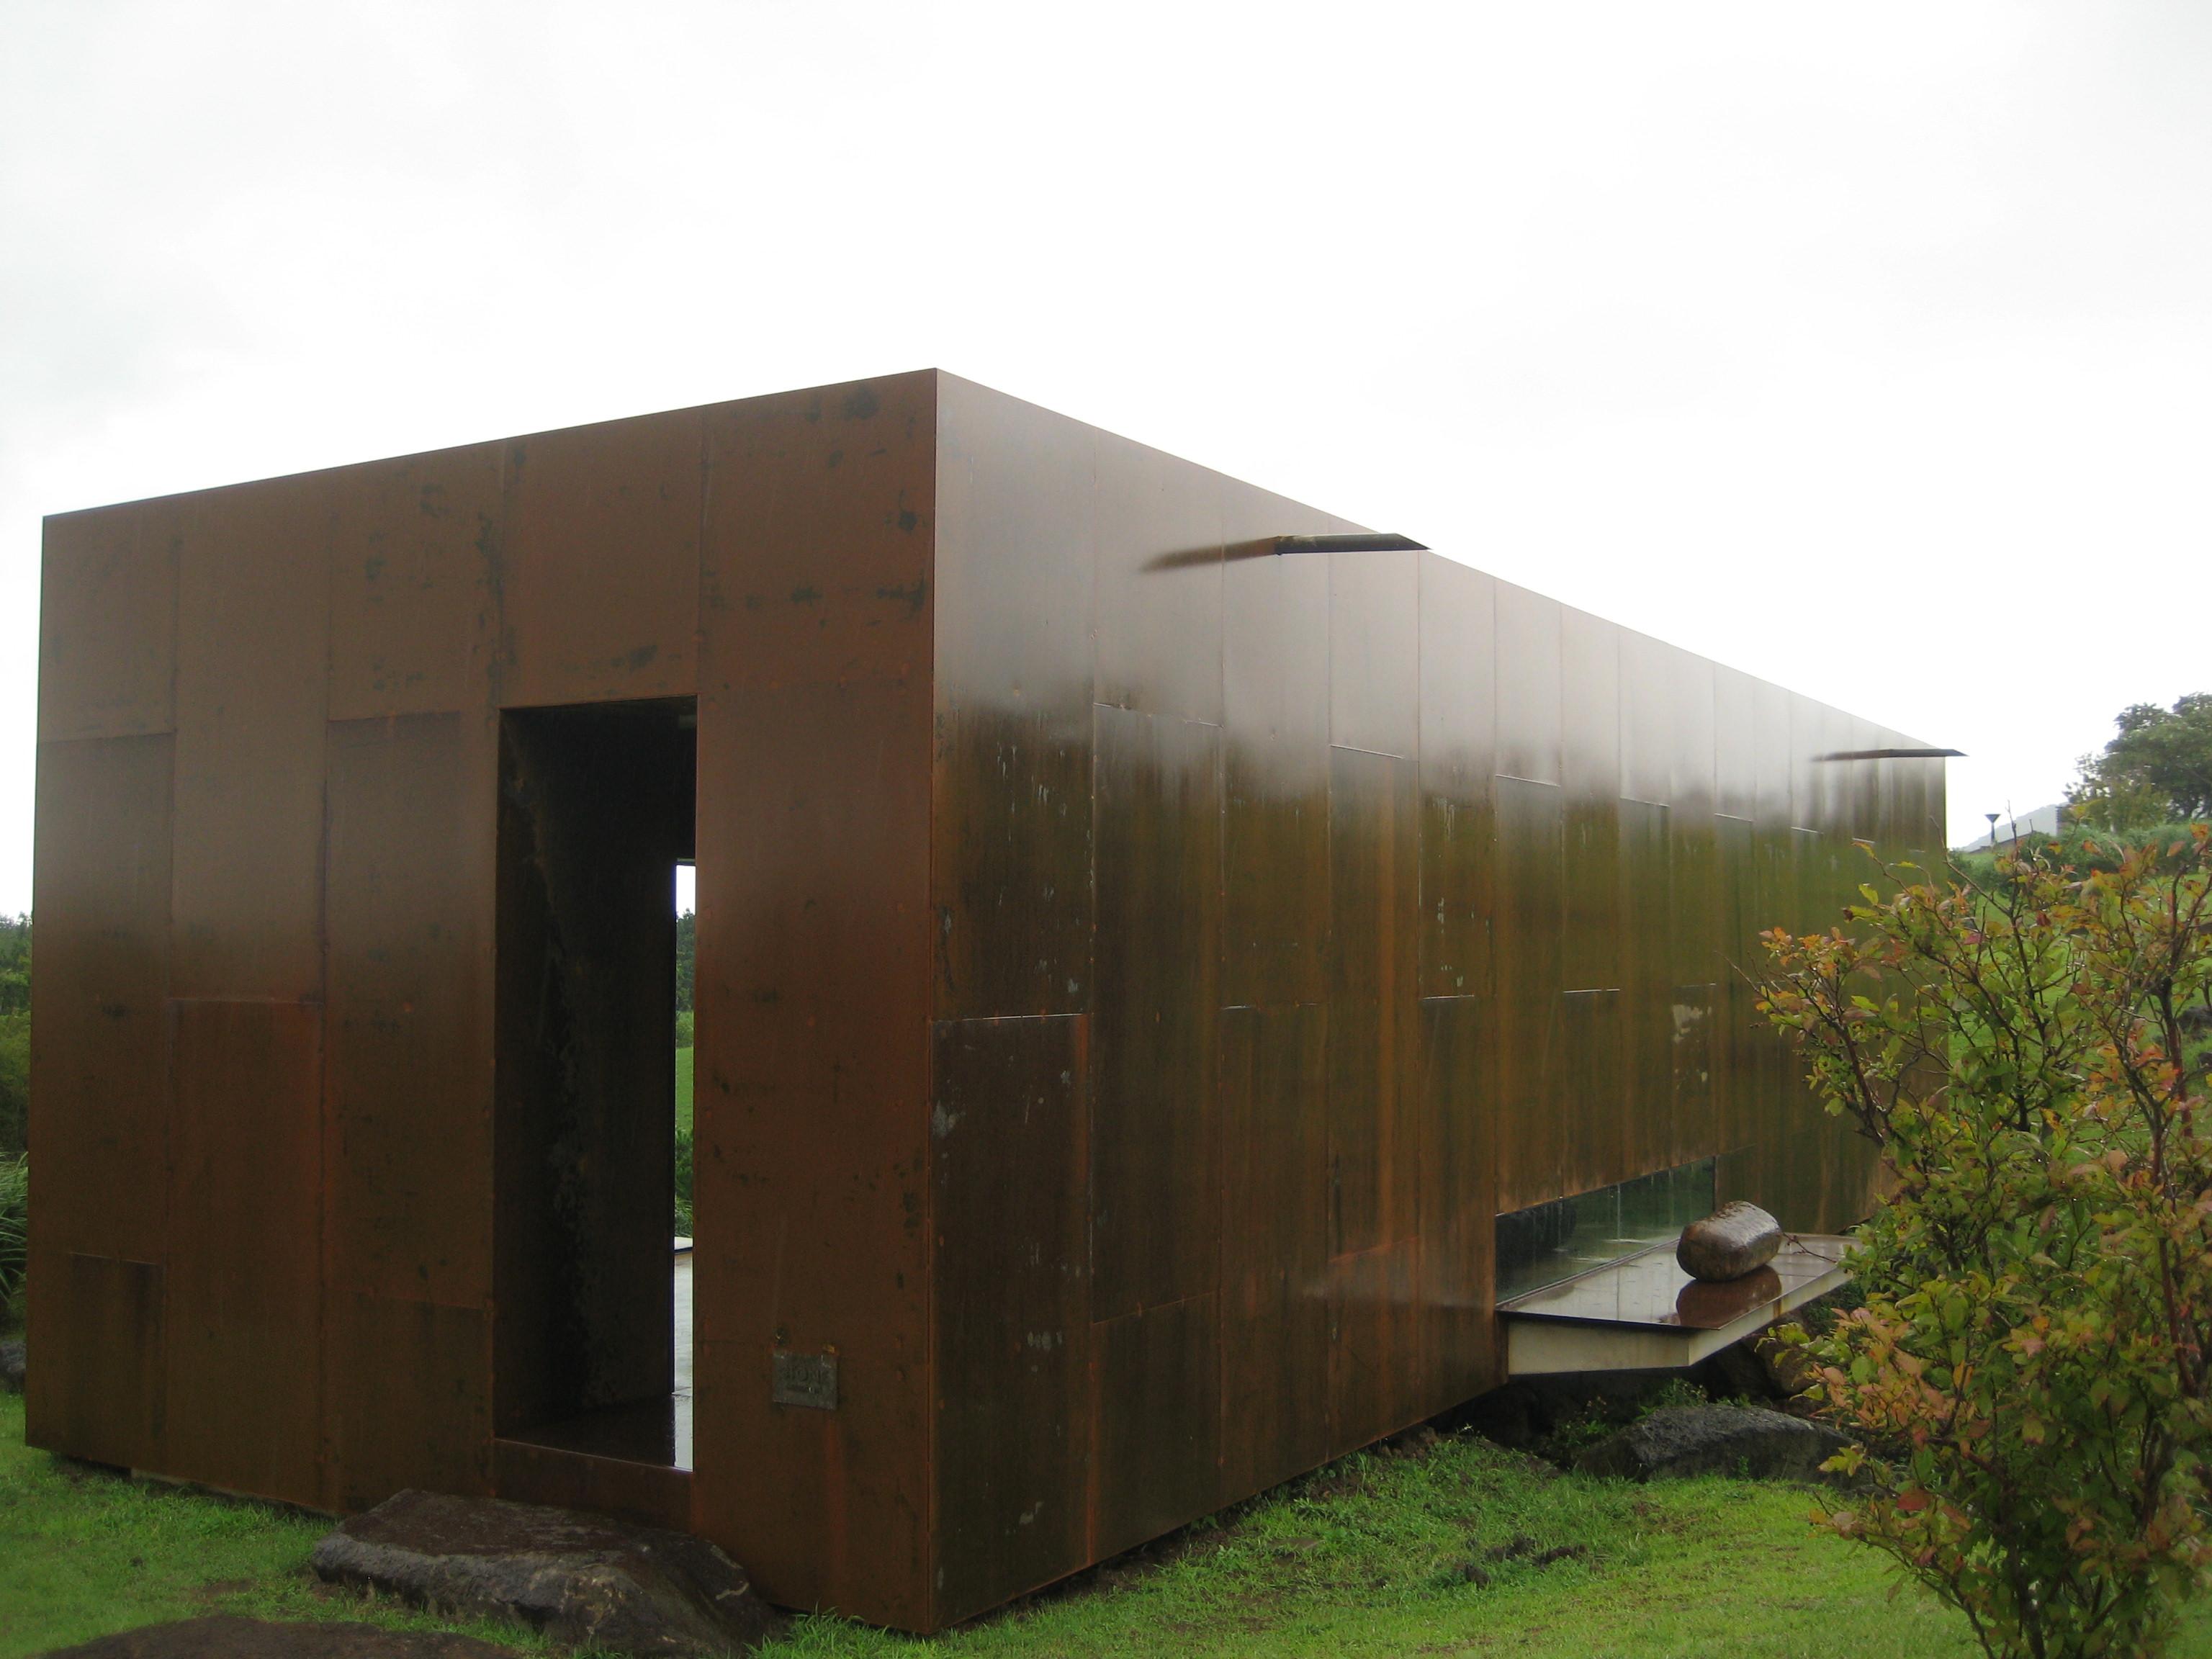 済州島 建築視察4 石の美術館